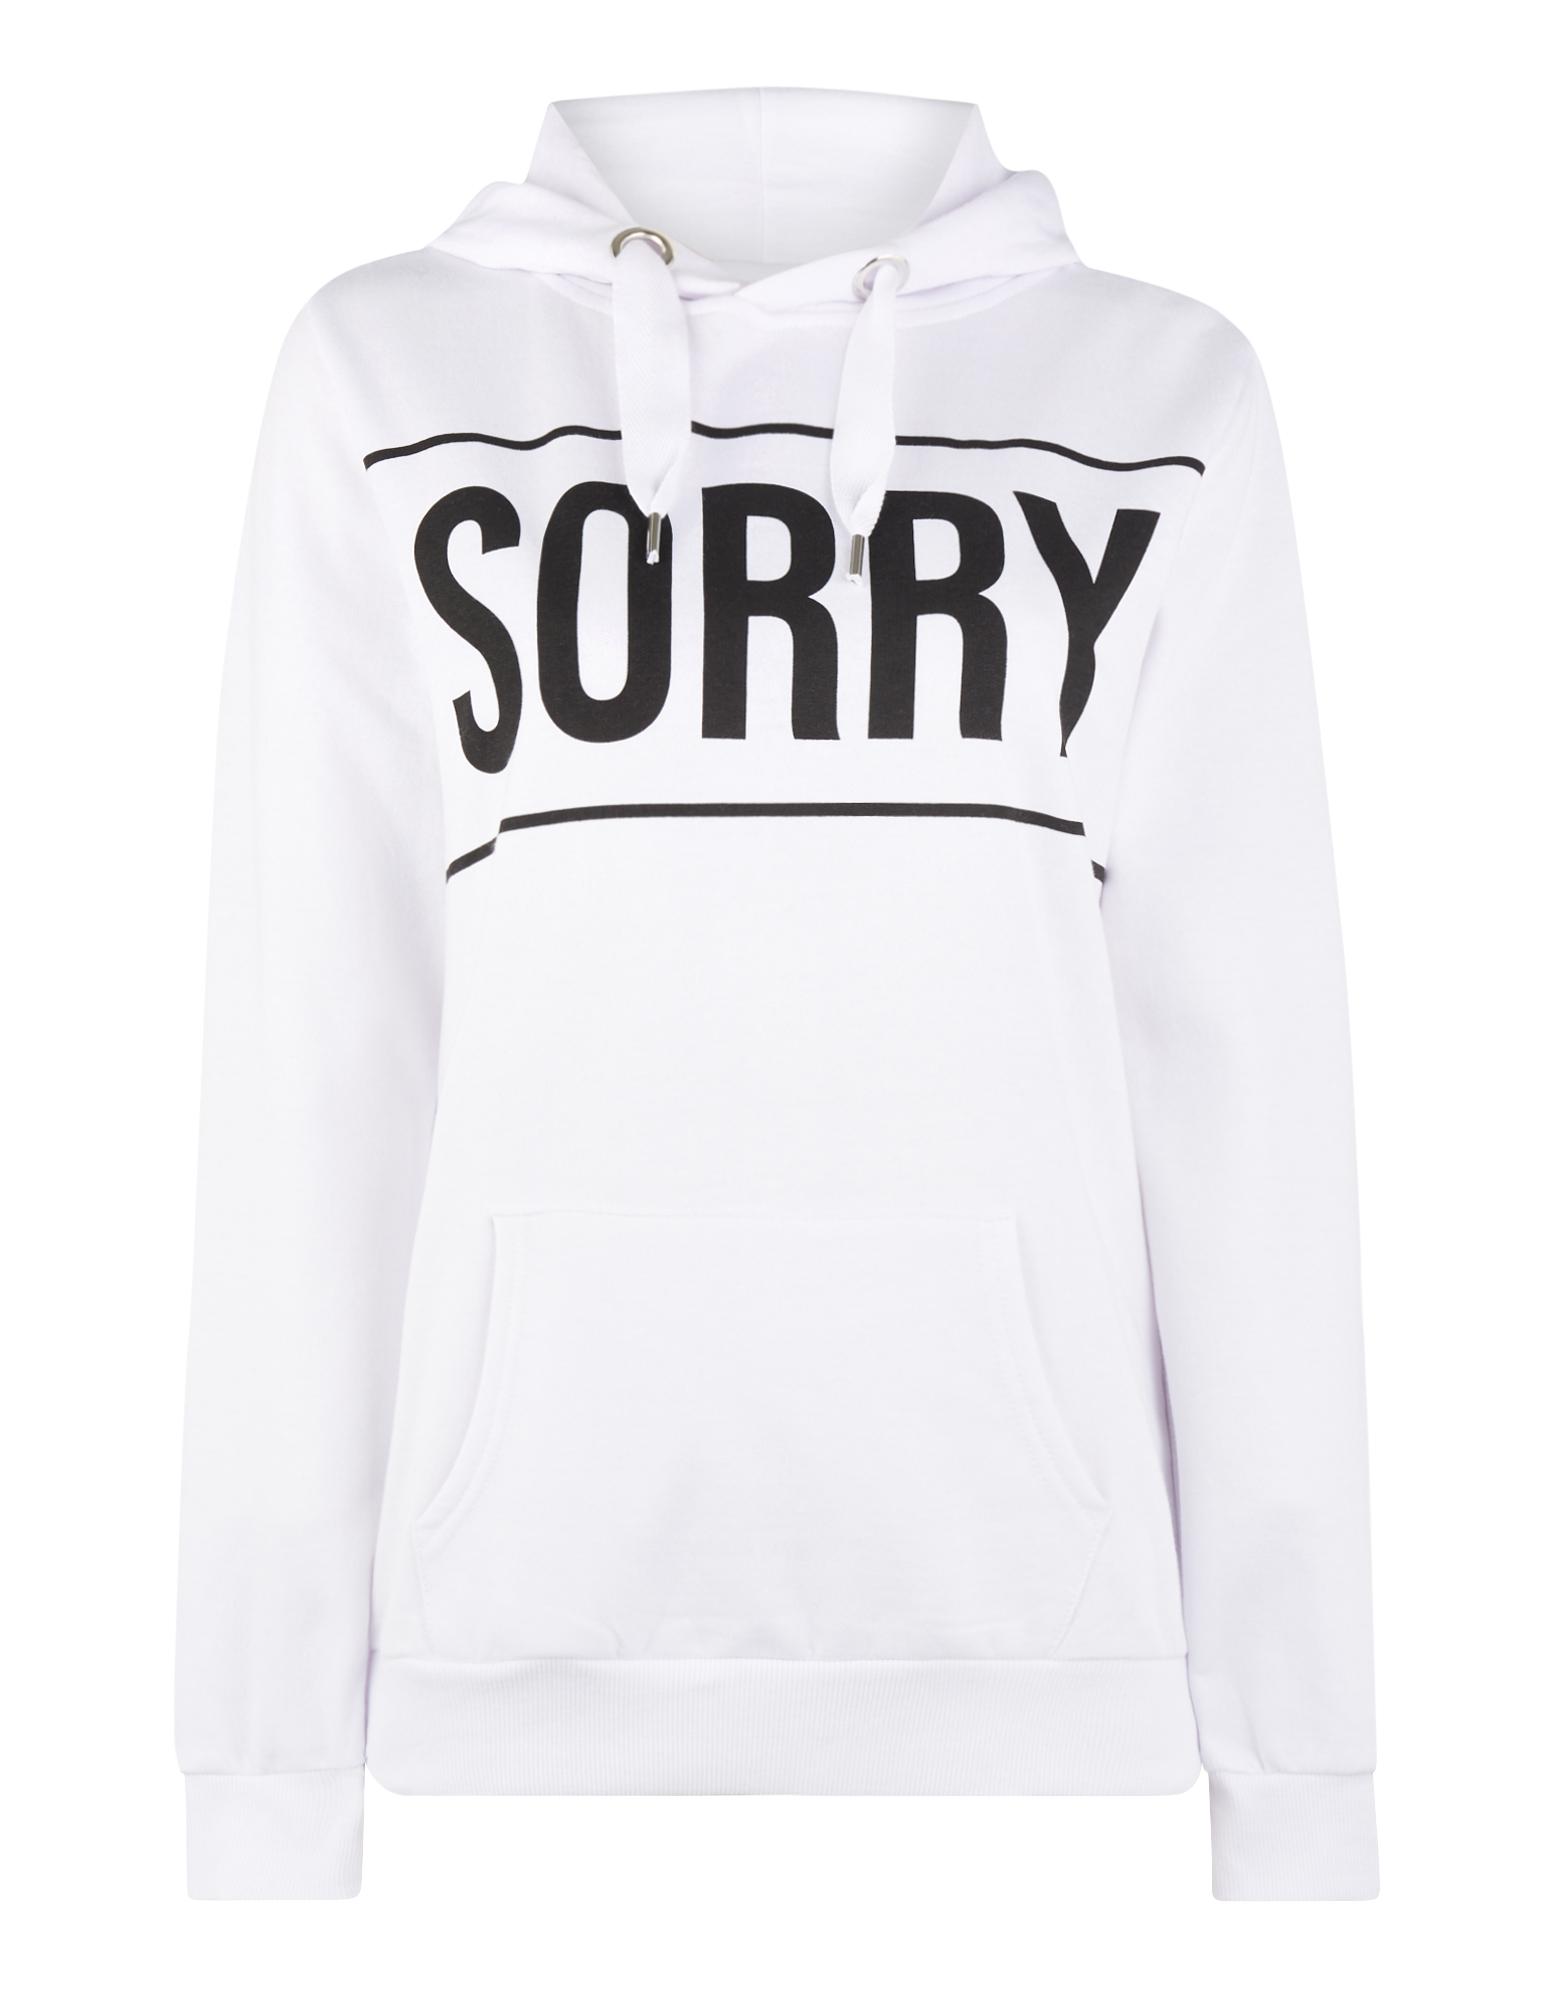 Damen Hoodie mit Message-Print | Bekleidung > Sweatshirts & -jacken > Hoodies | Weiß | Takko